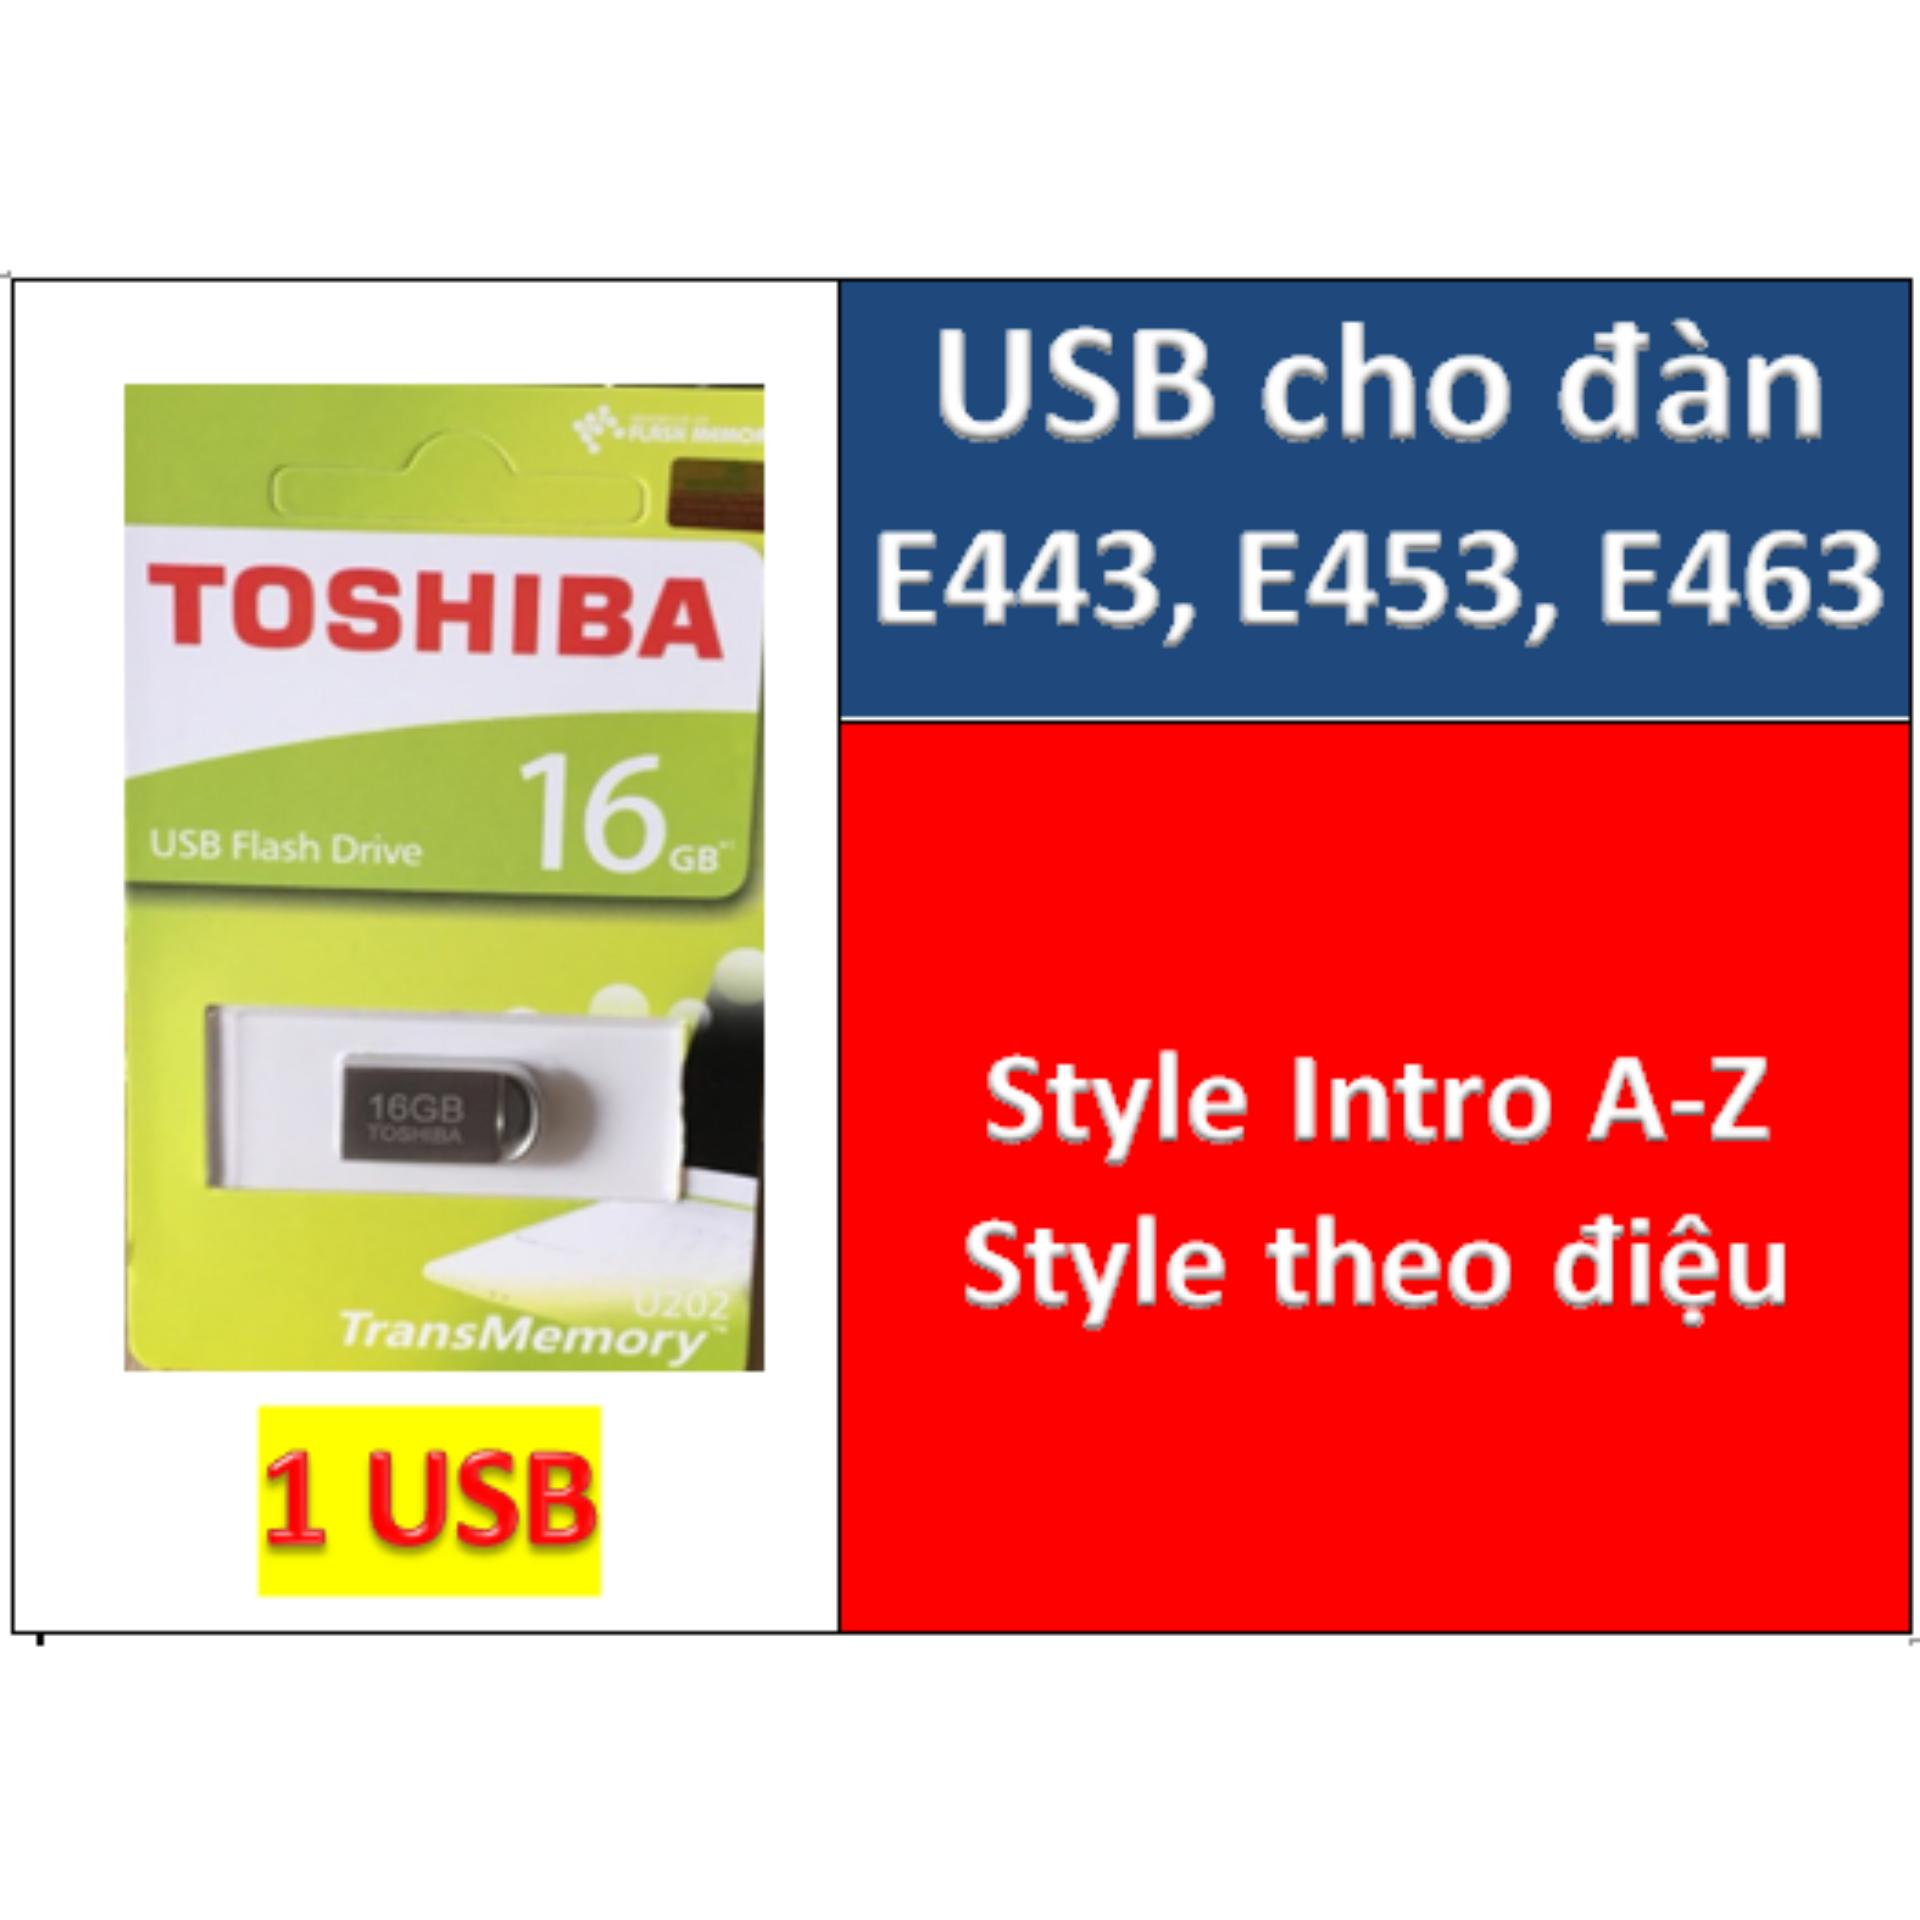 USB mini dữ liệu style cho đàn organ E443, E453, E463